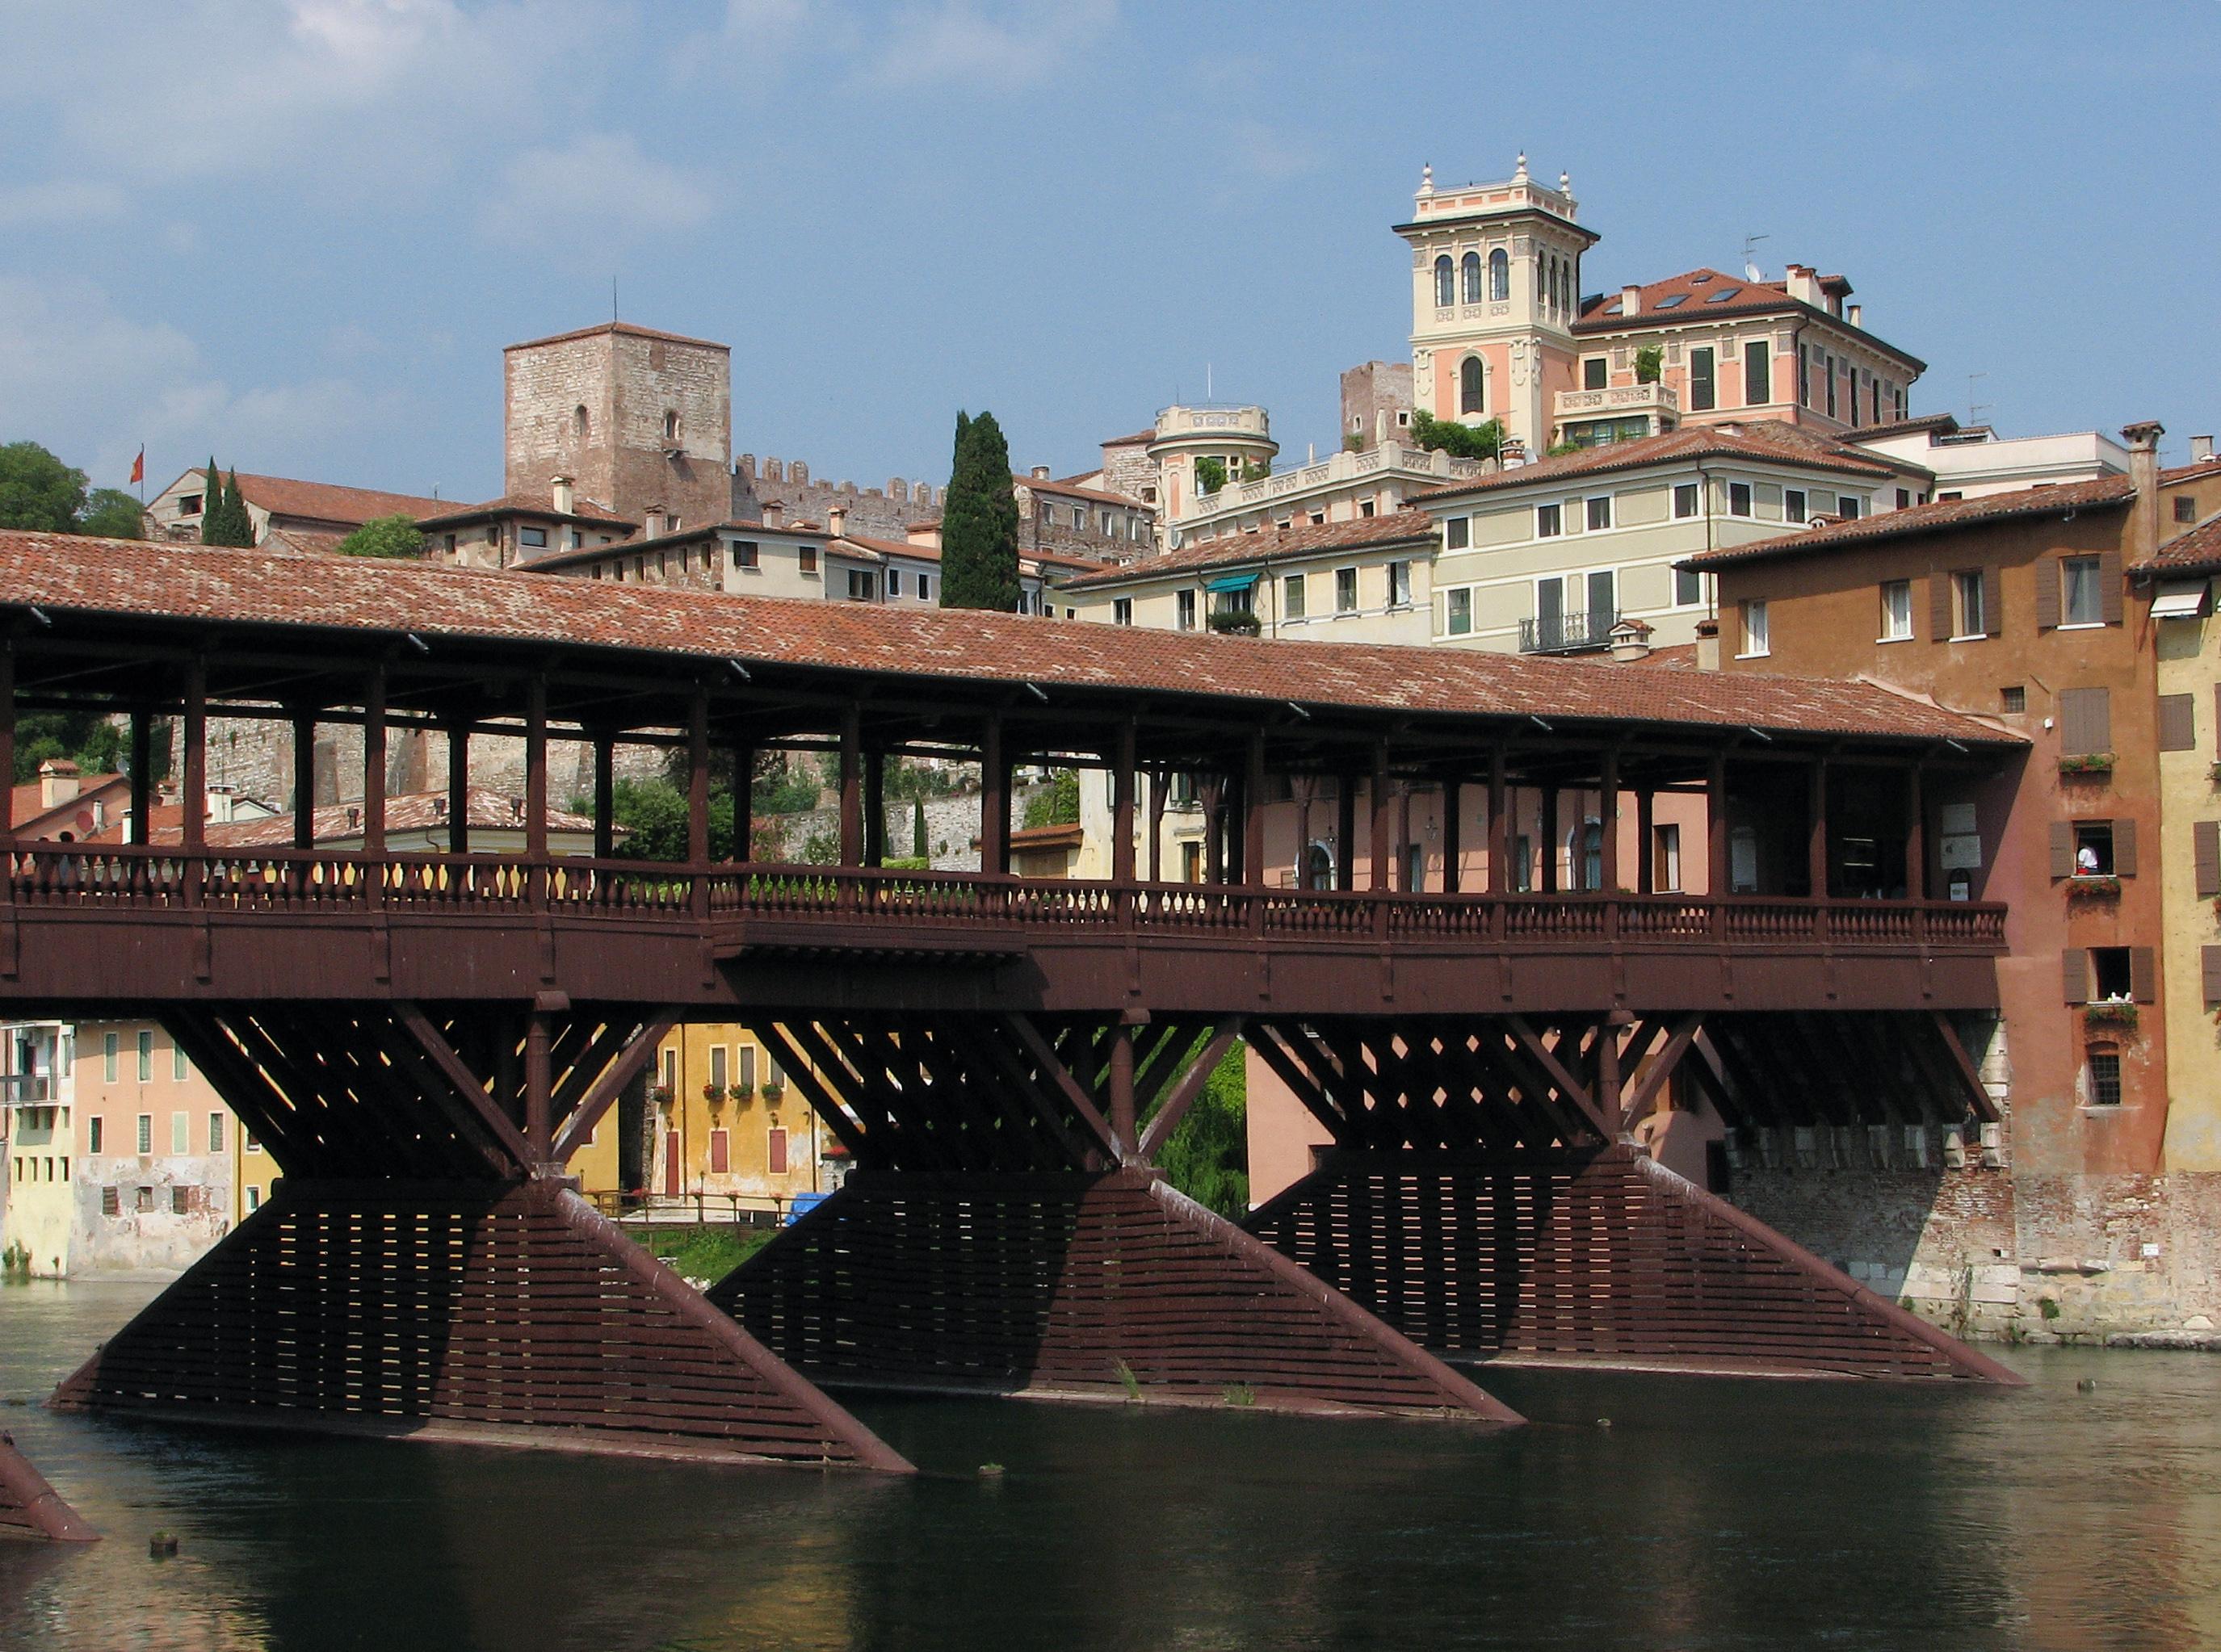 https://upload.wikimedia.org/wikipedia/commons/a/a7/Ponte_degli_Alpini_Bassano_del_Grappa_2007.jpg